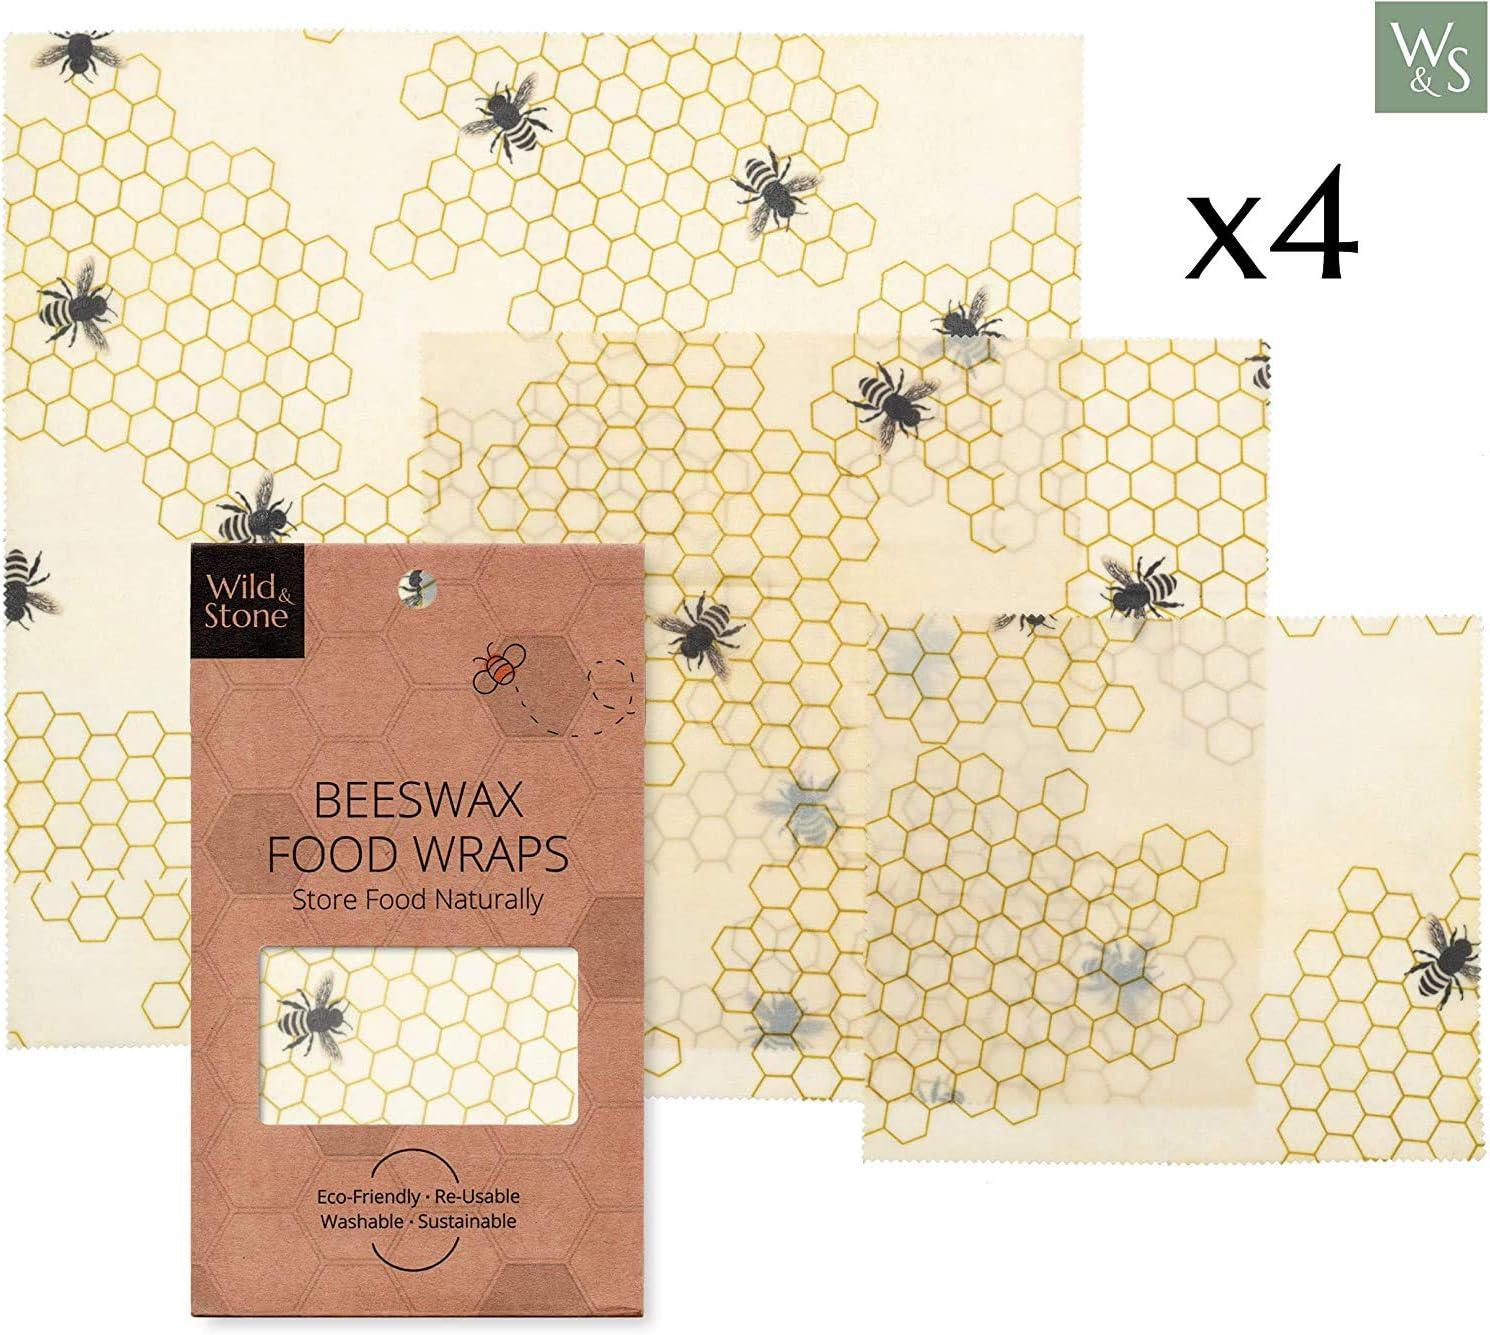 Wild & Stone   Envoltura reutilizable de cera de abeja   alternativa natural a una envoltura de plástico   Sostenible y respetuoso con el medio ambiente   Nido de abeja conjunto de patrones de tre